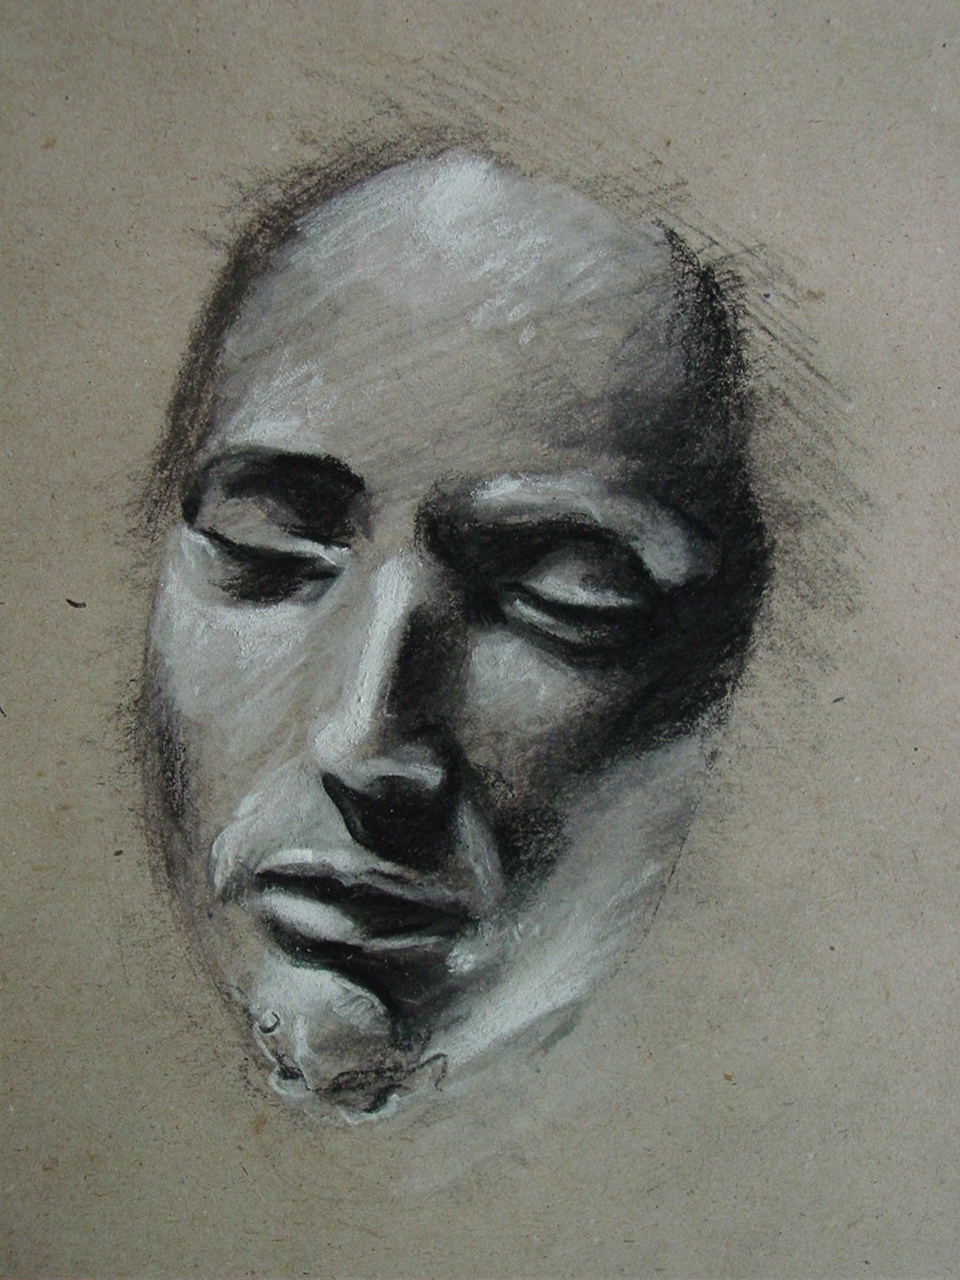 Michelangelo - Study Christ by AEnigm4